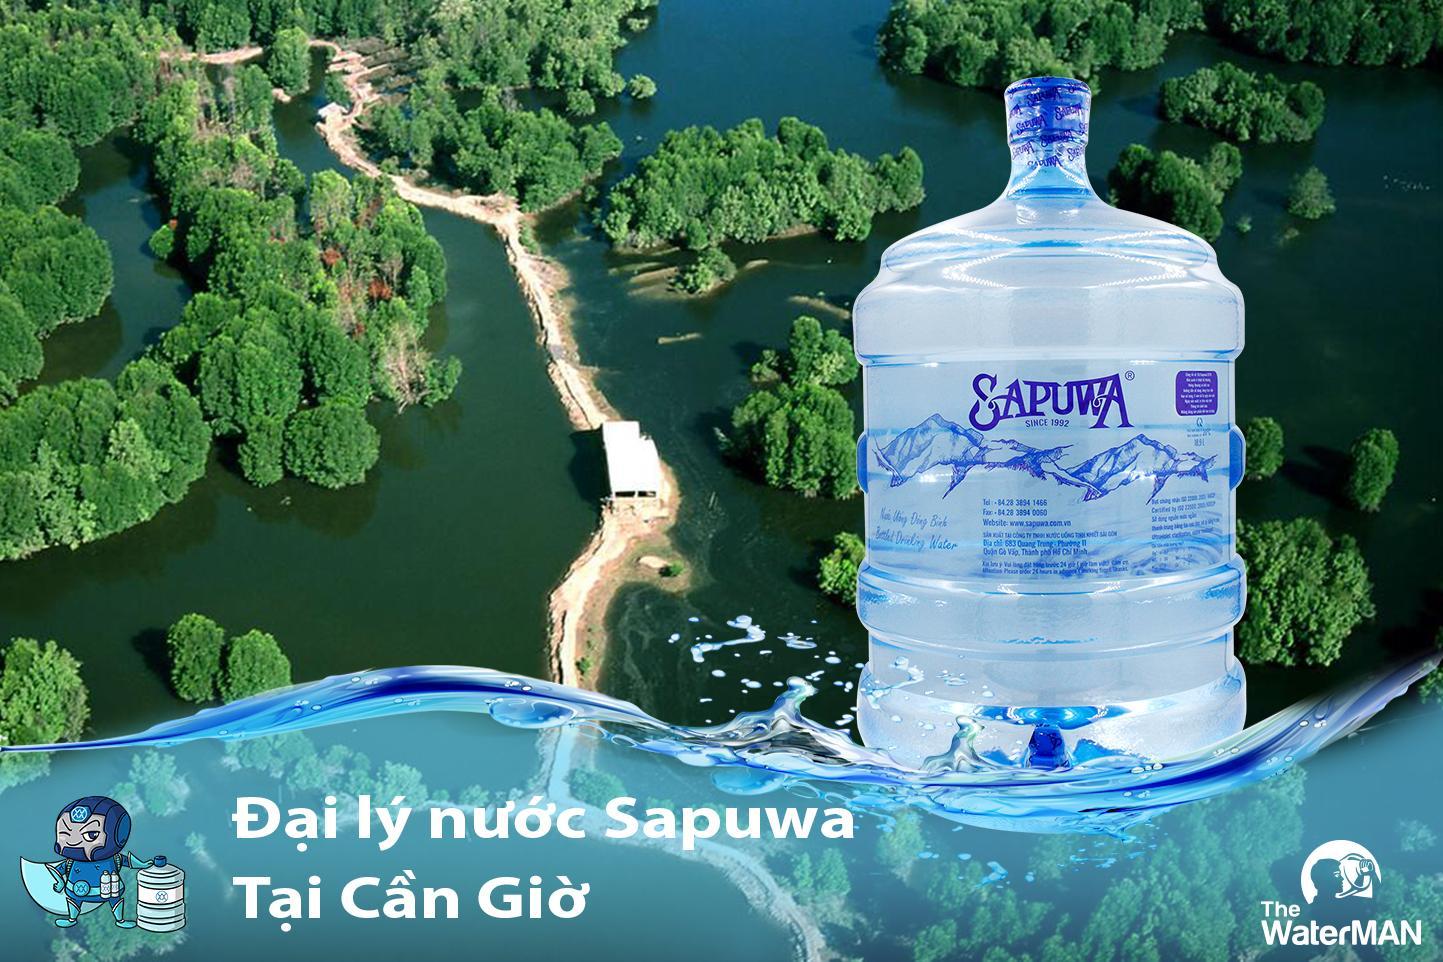 Đại Lý Nước Tinh Khiết Sapuwa Huyện Cần Giờ